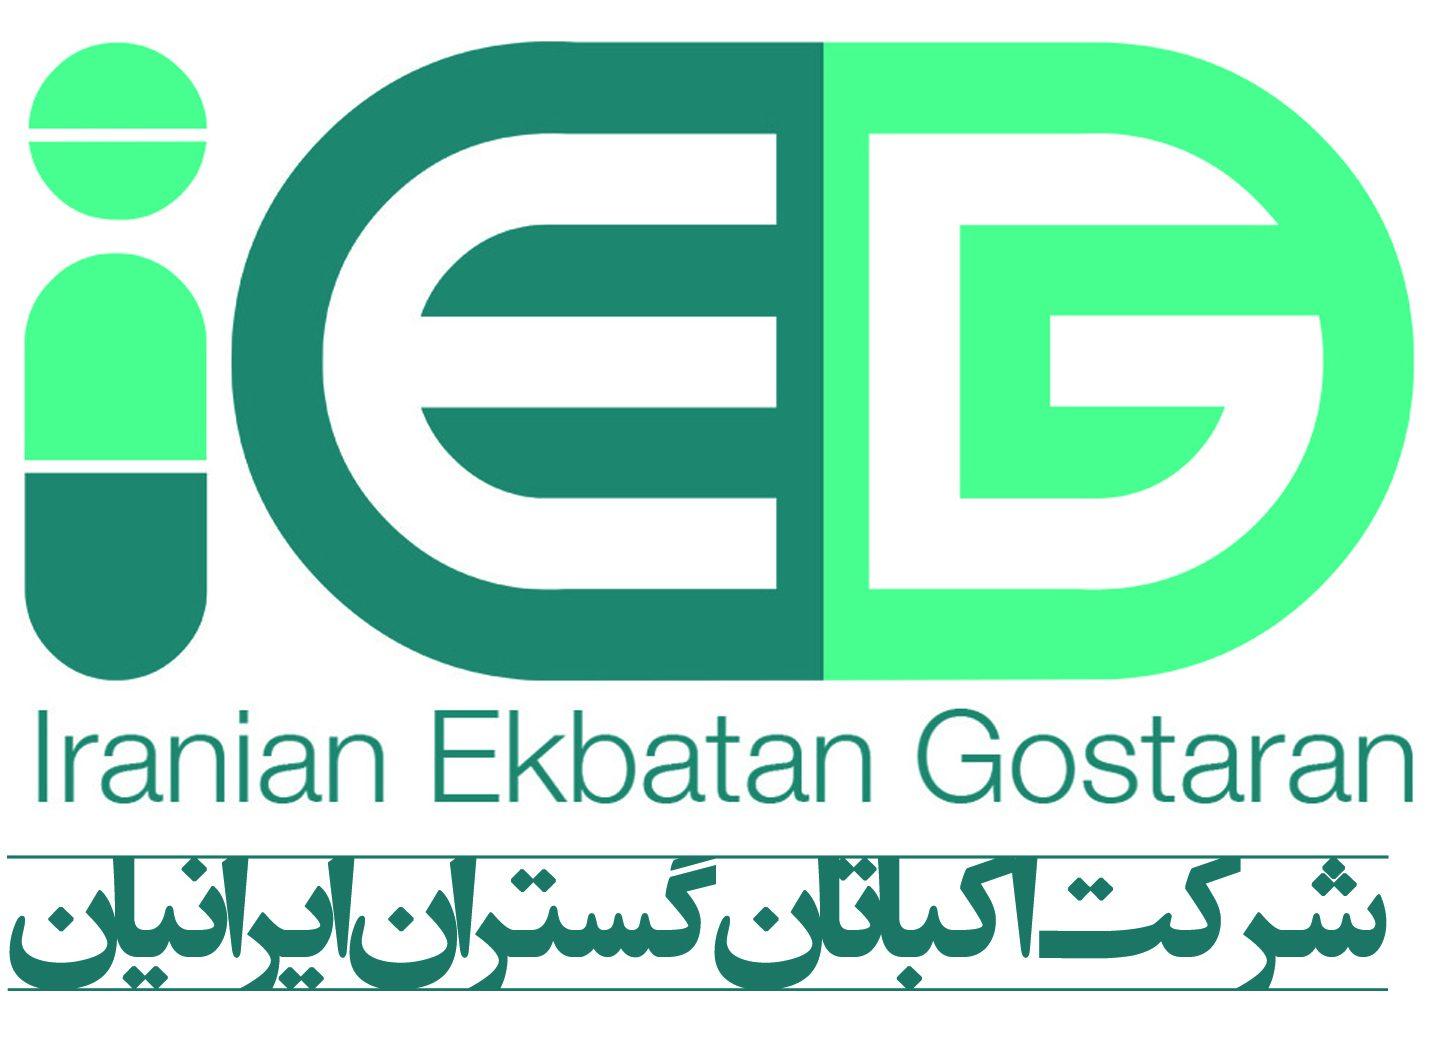 شرکت اکباتان گستران ایرانیان (آراز شیمی)